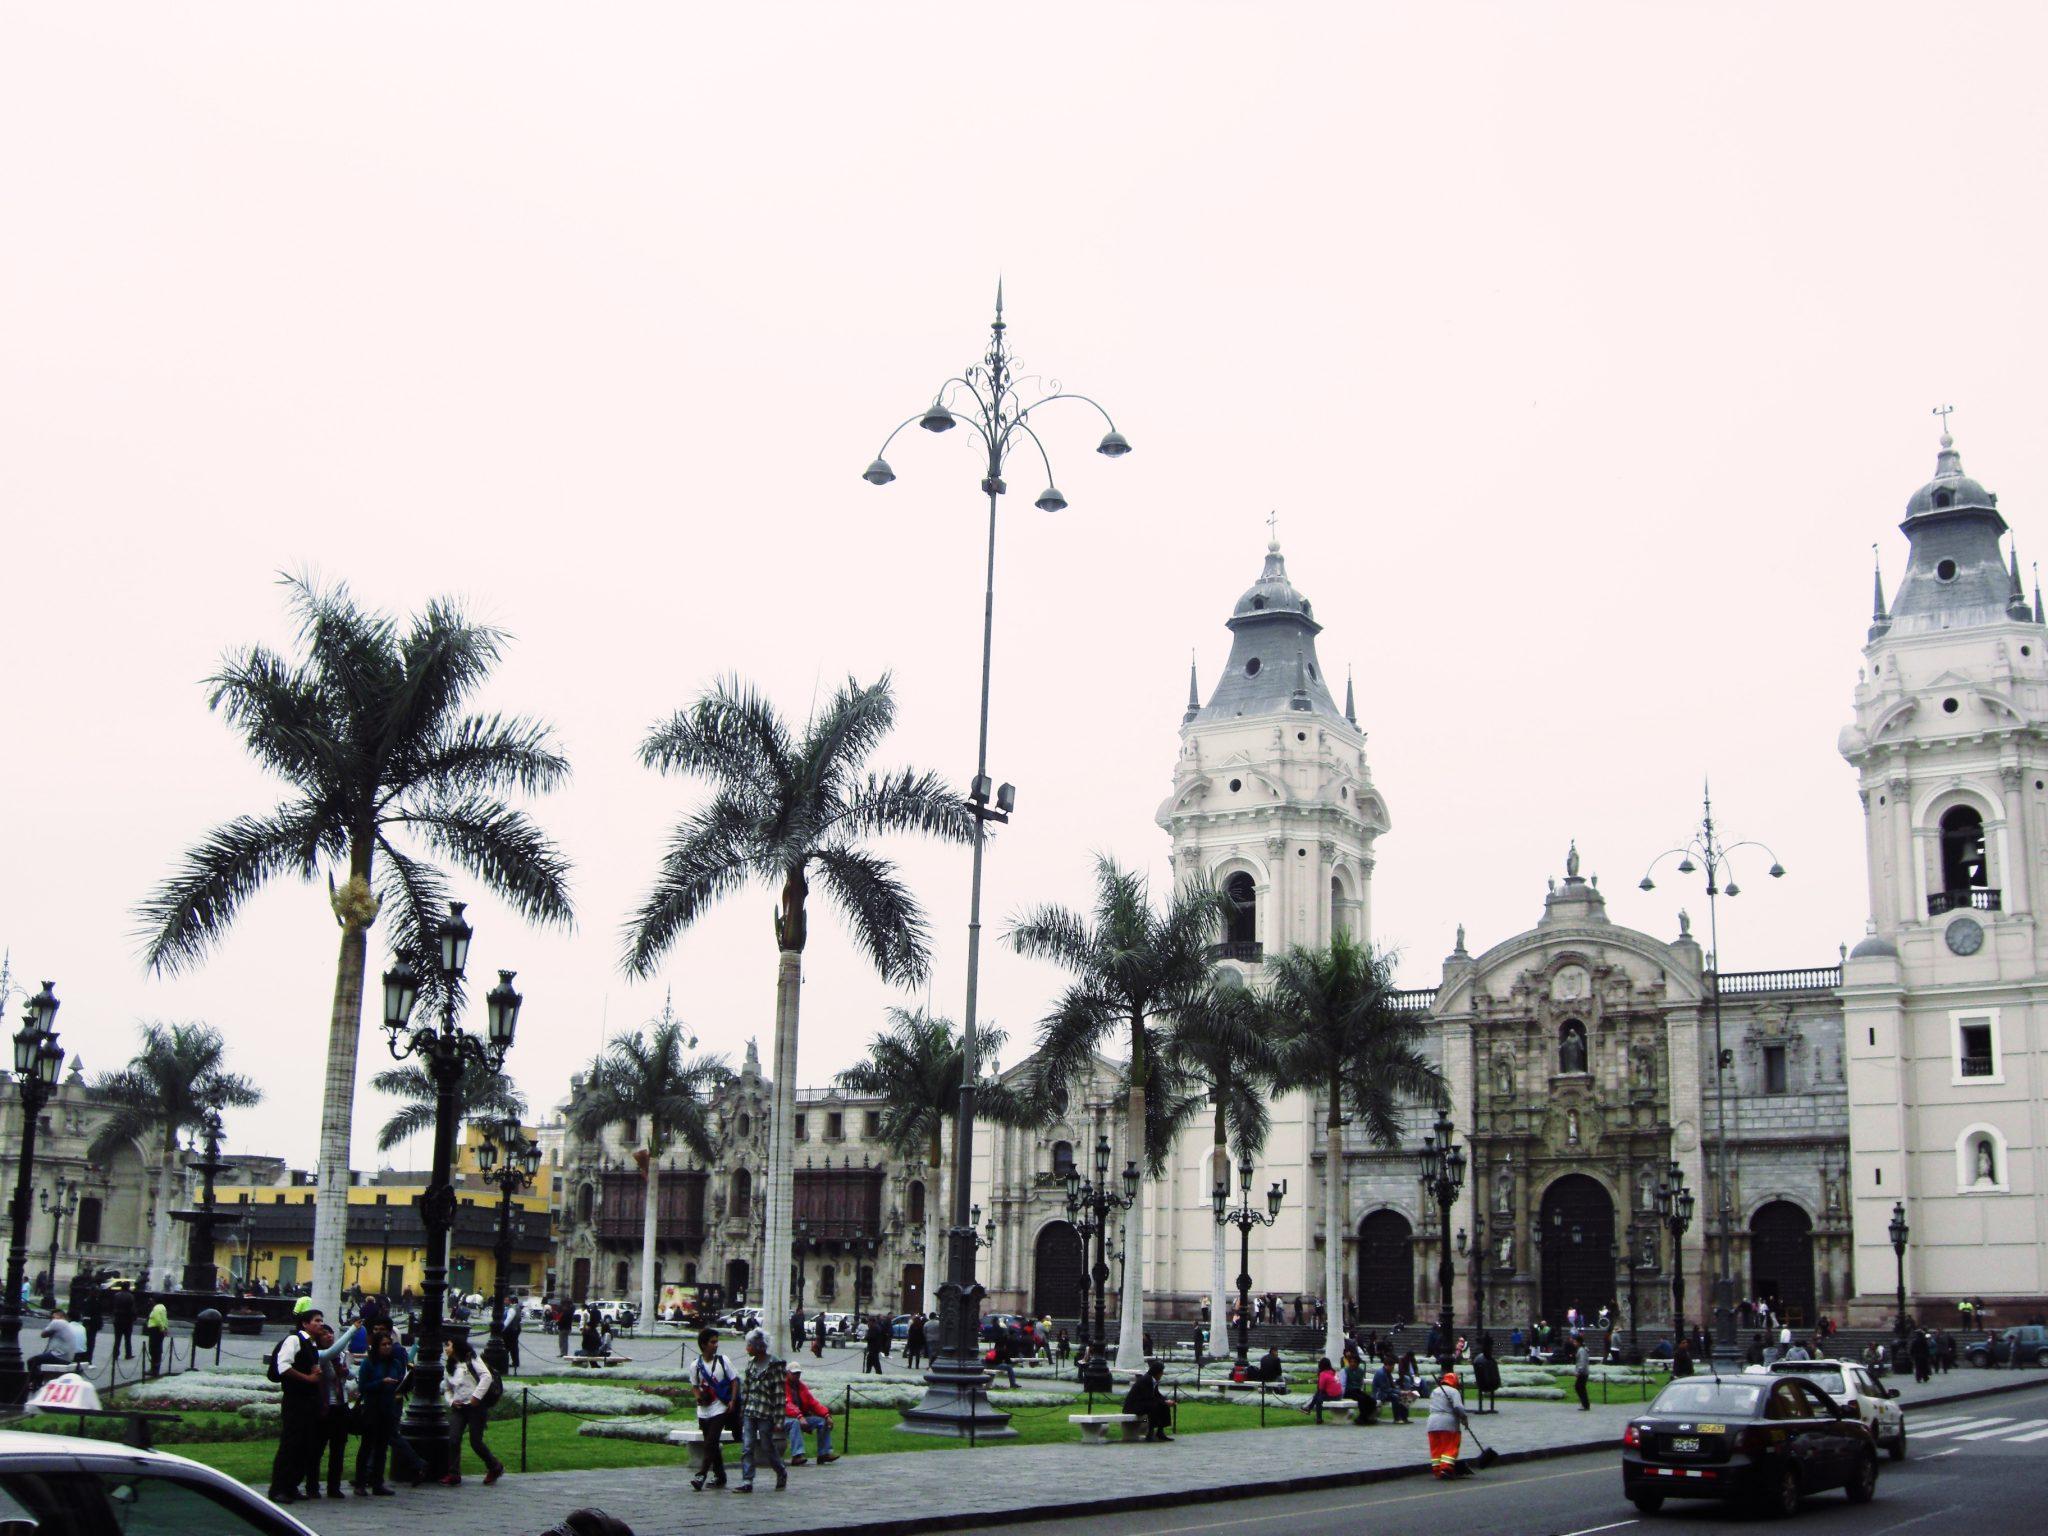 ペルー、リマ、観光スポット、アルマス広場、カテドラル、大統領官邸